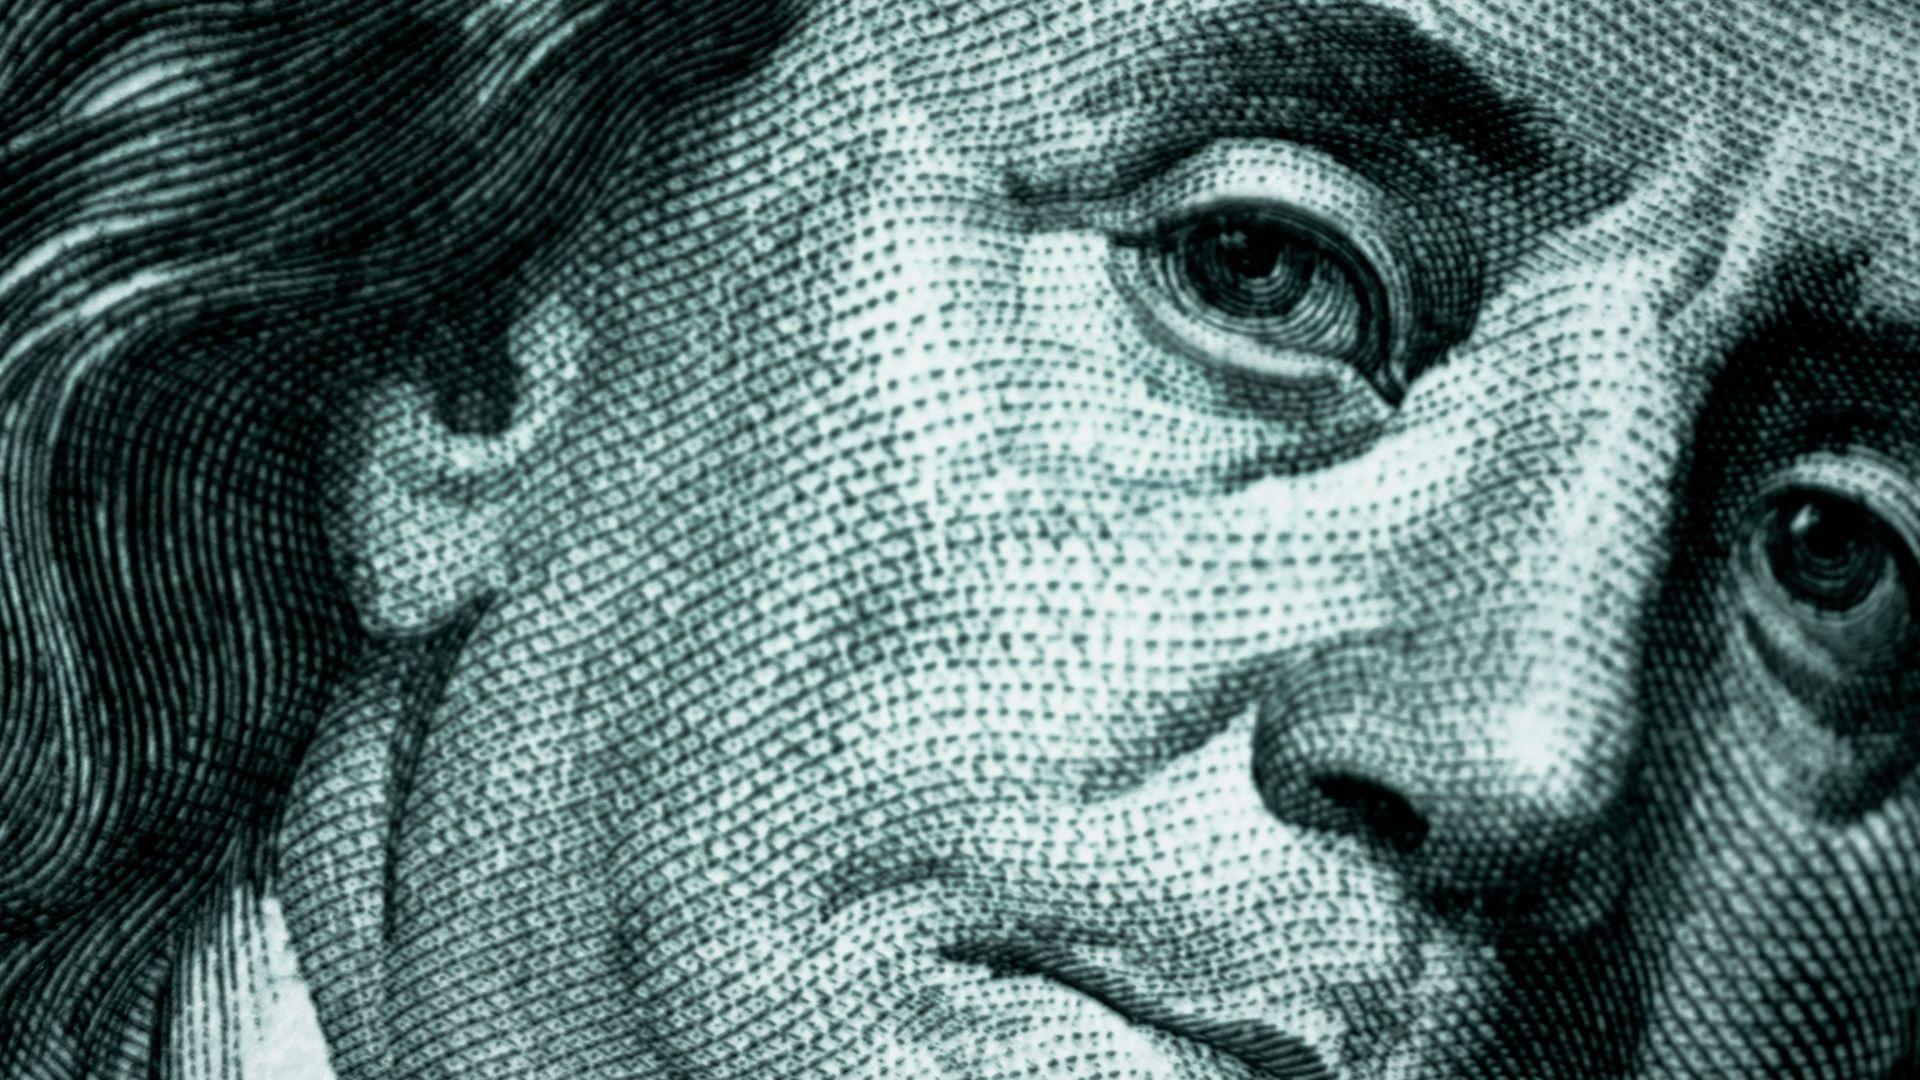 תוכנית עסקית וגיוס הון